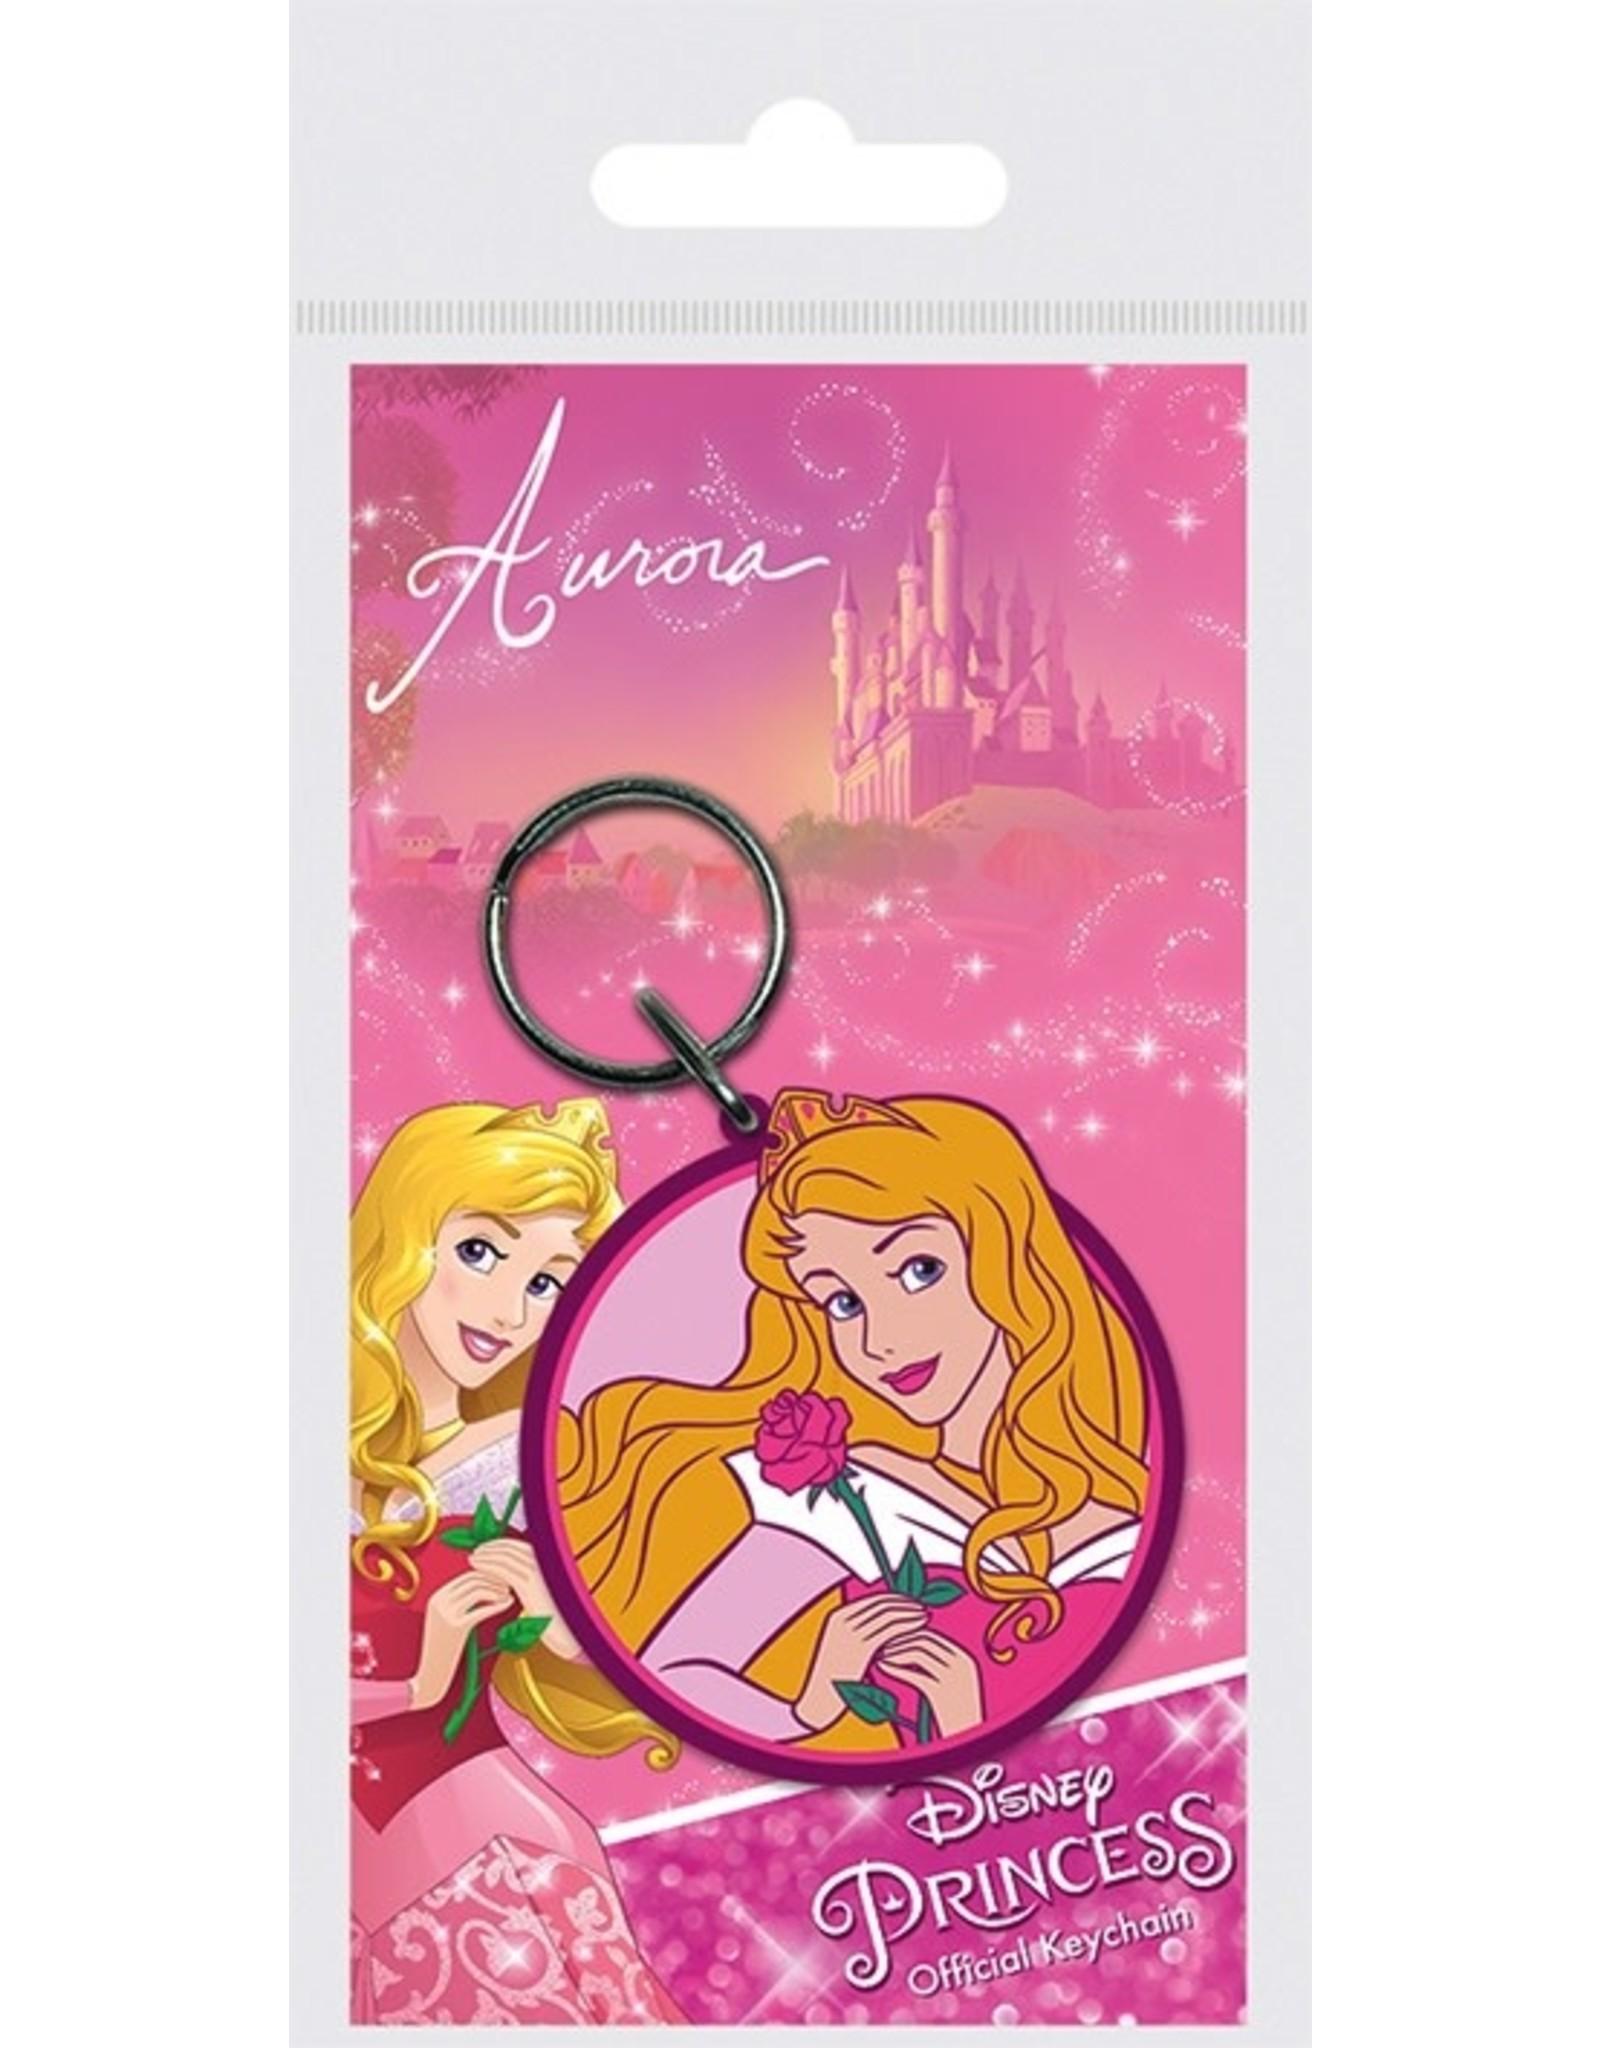 DISNEY PRINCESS Rubber Keychain - Aurora